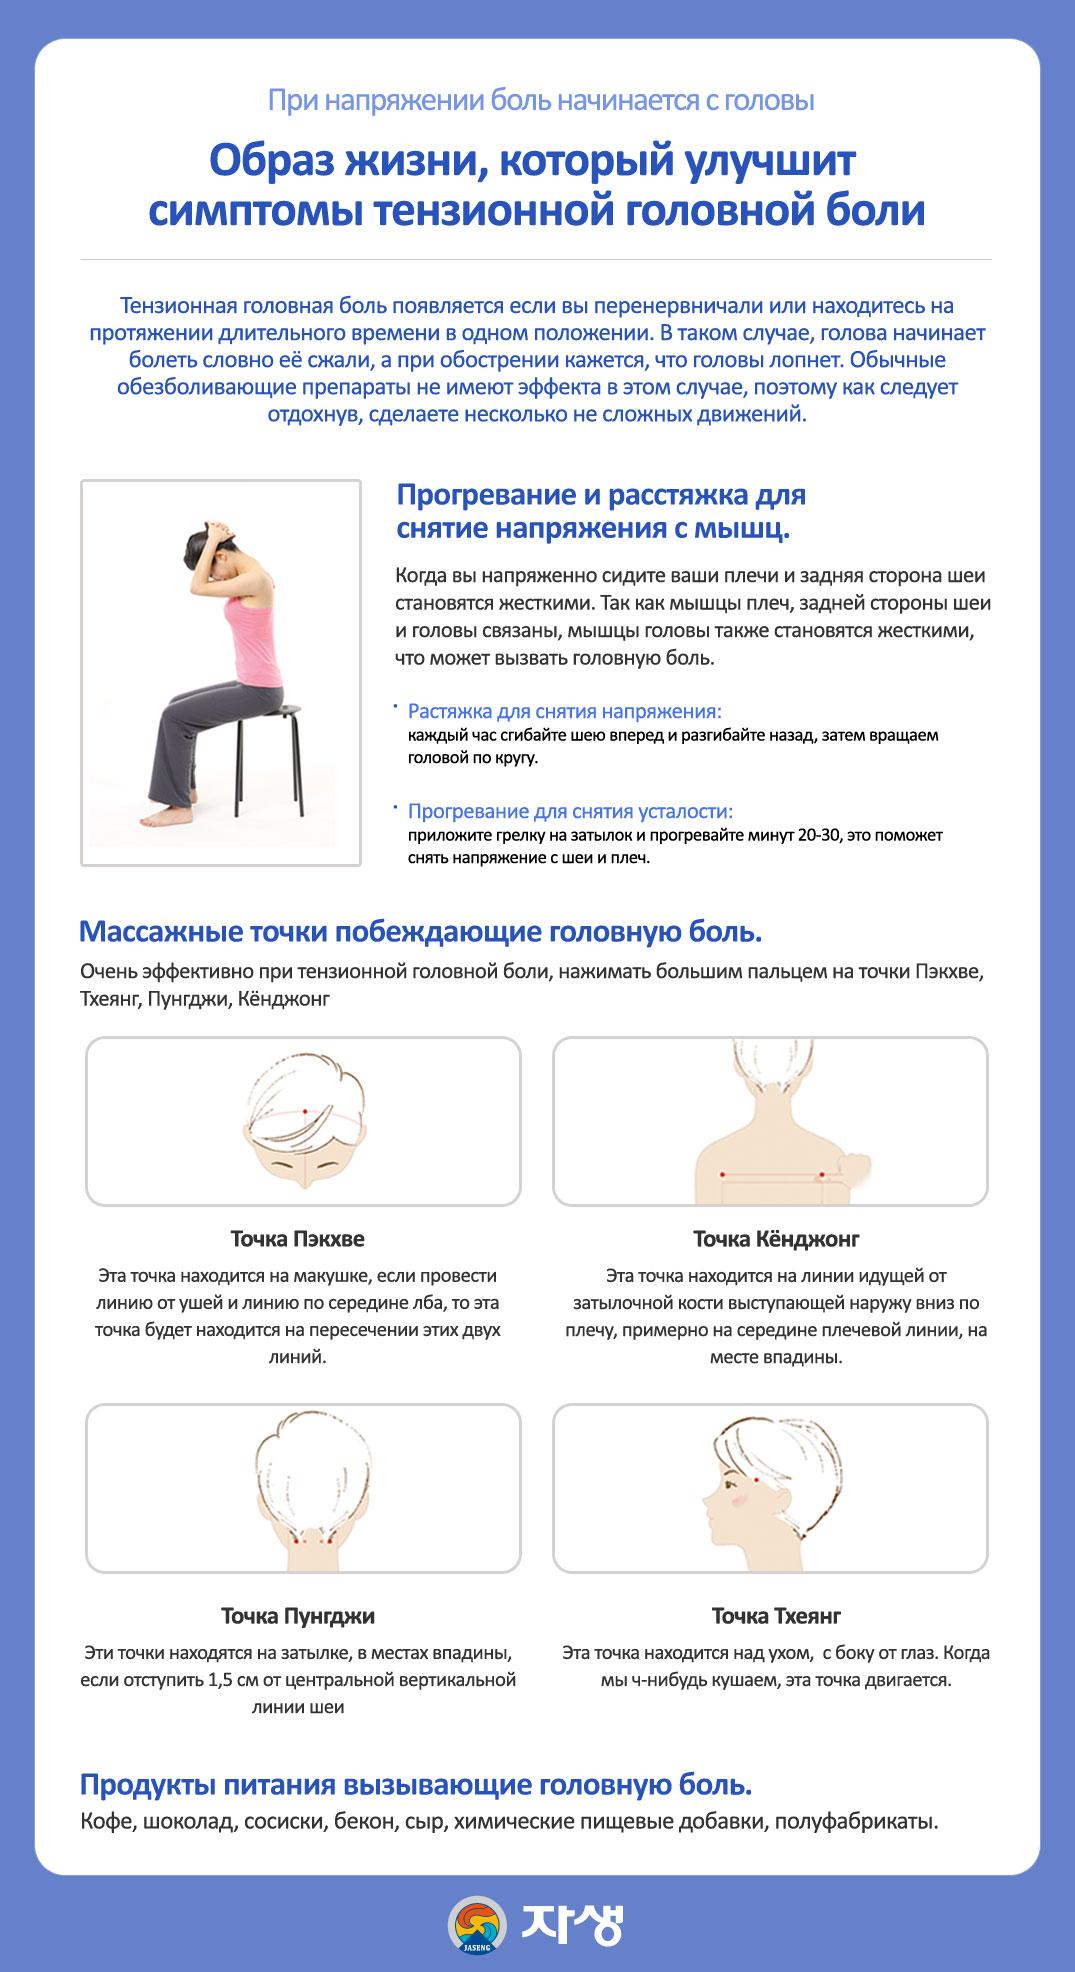 При напряжении боль начинается с головы - Центр корейской медицины Часэн